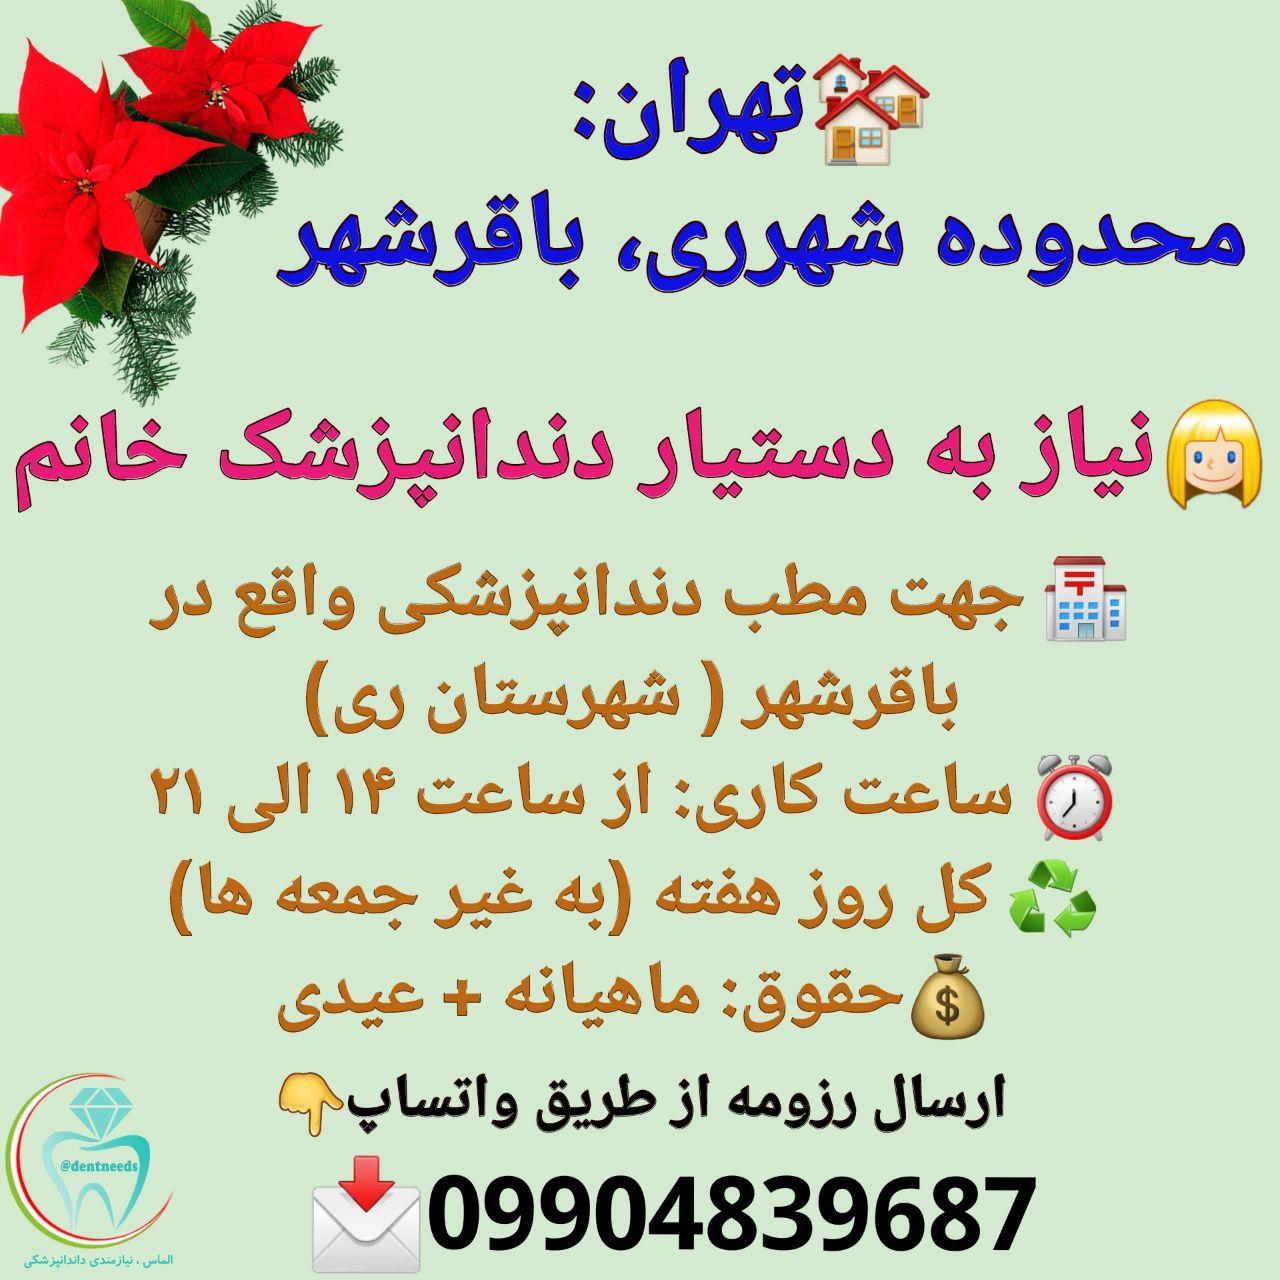 تهران: محدوده شهرری، باقرشهر، نیاز به دستیار دندانپزشک خانم